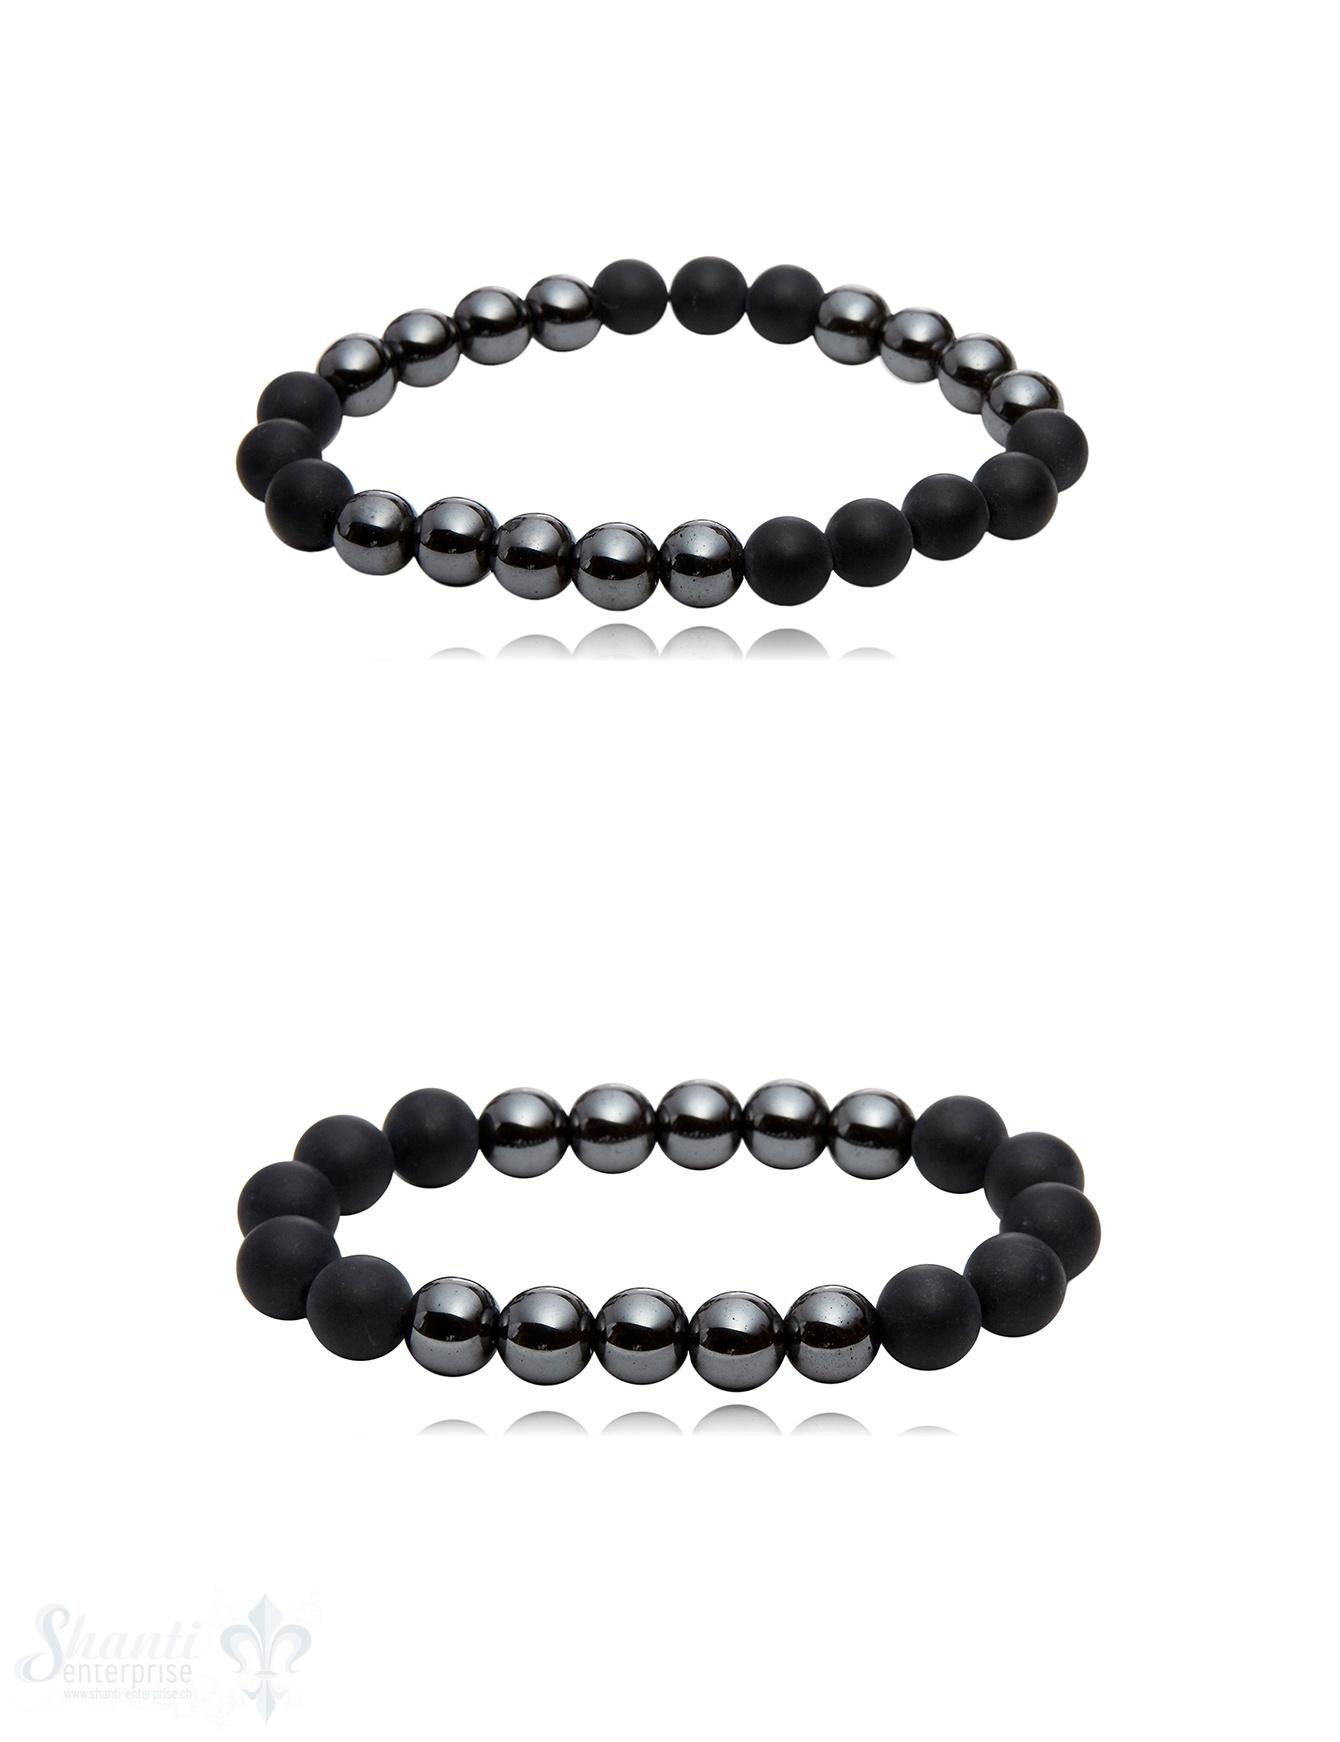 Onyx & Hämatit Armband poliert & matt auf Elastik 19 cm